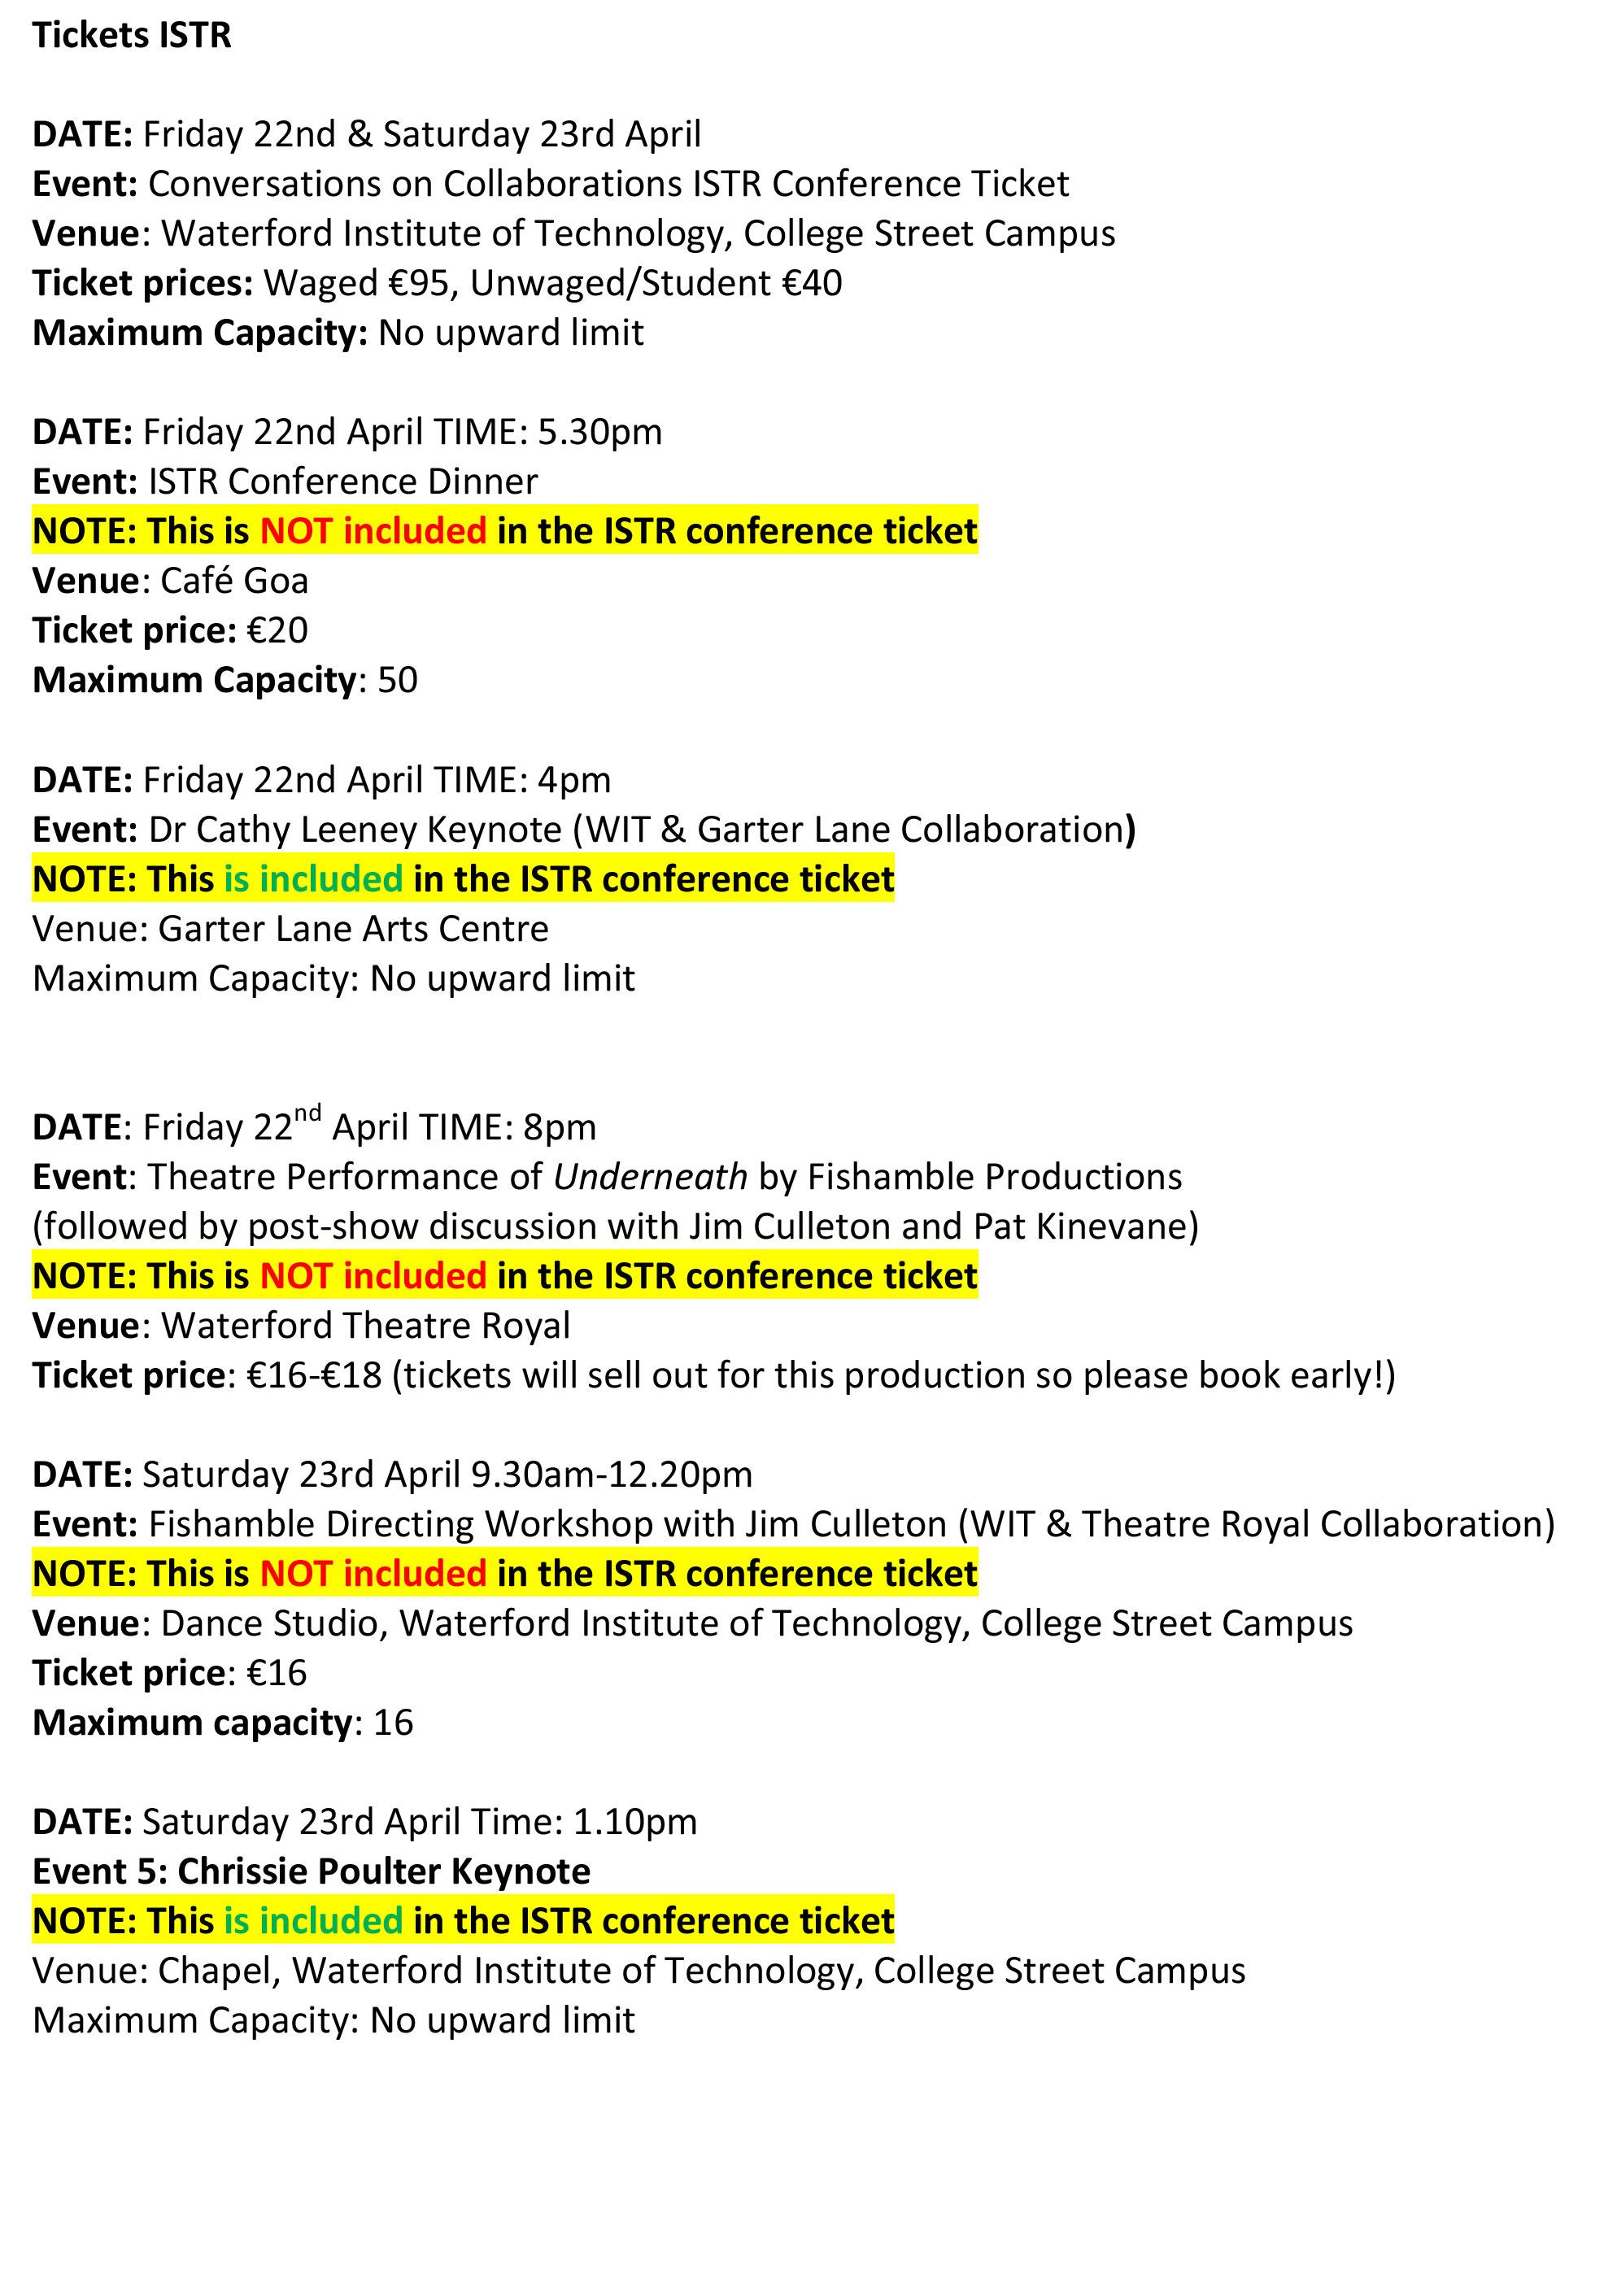 Ticket-details-for-ISTR-delegates